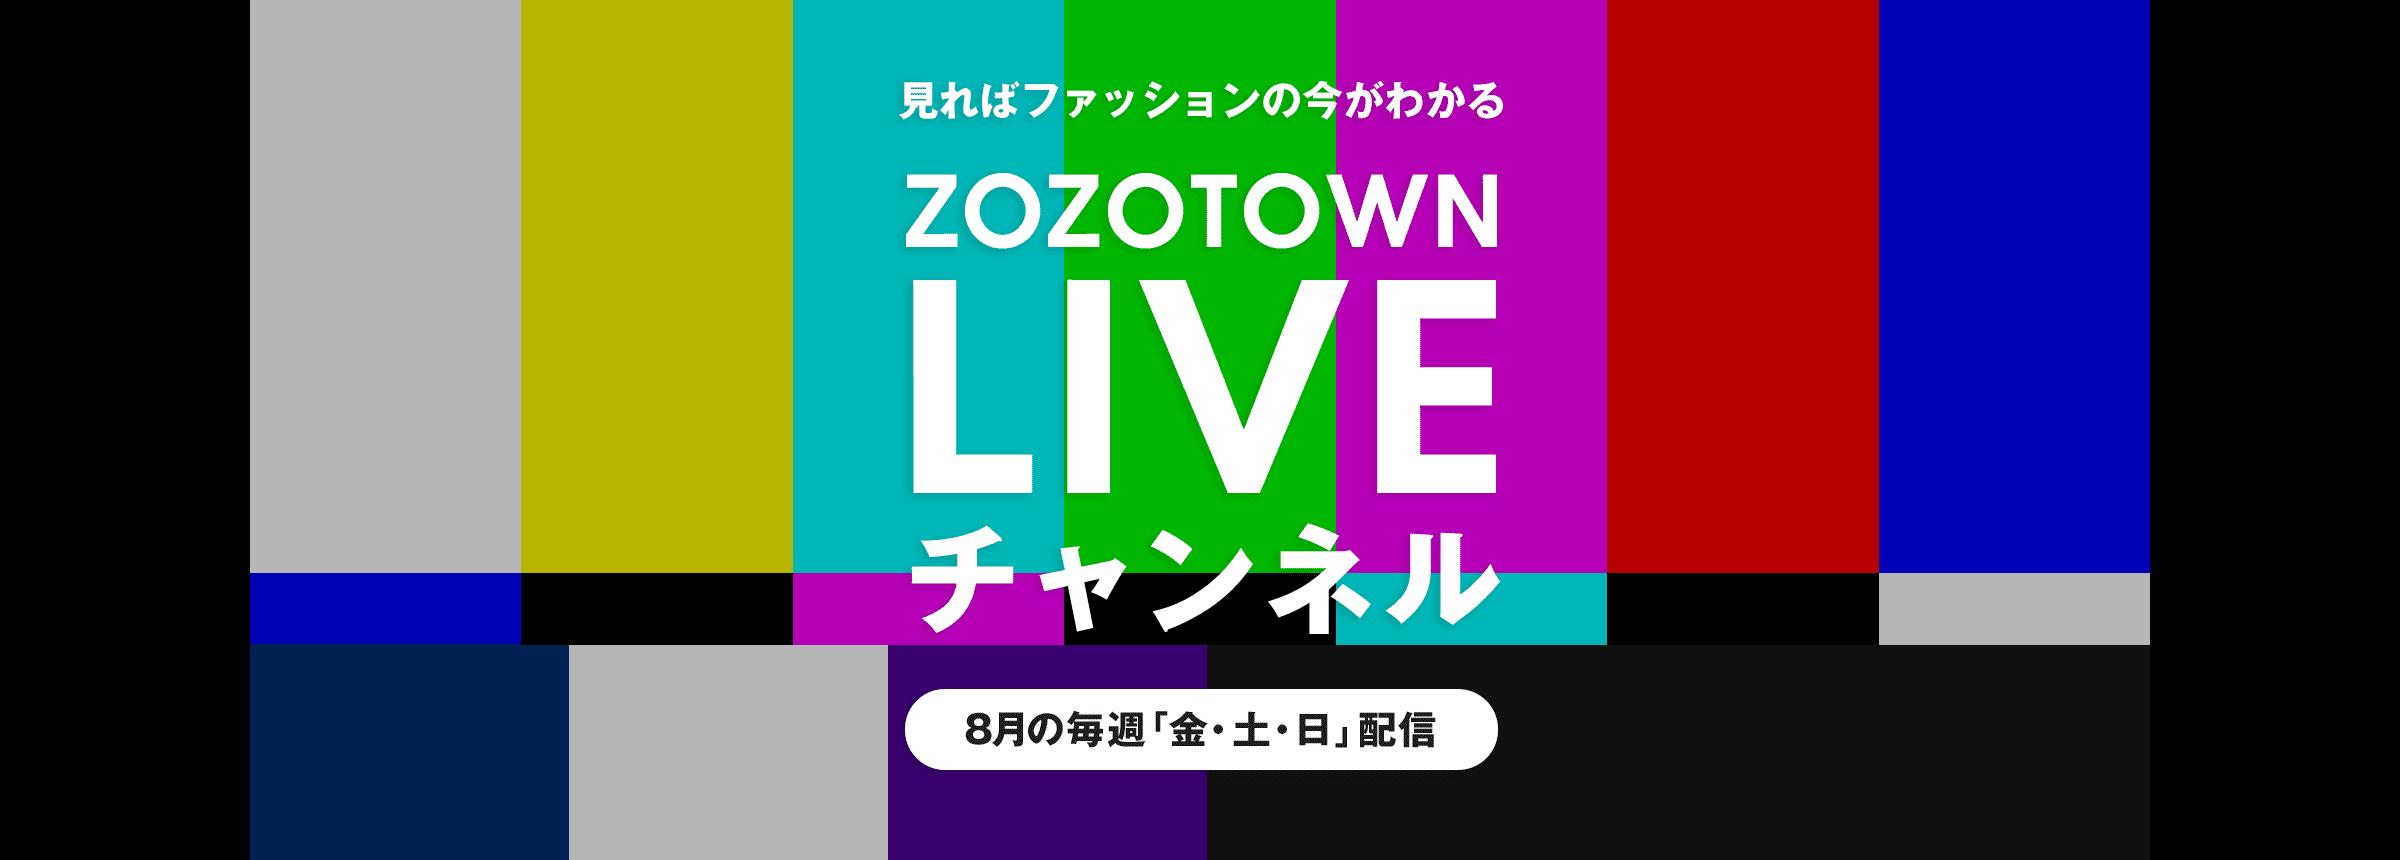 見ればファッションの今がわかる ZOZOTOWN LIVEチャンネル 8月の毎週「金・土・日」配信